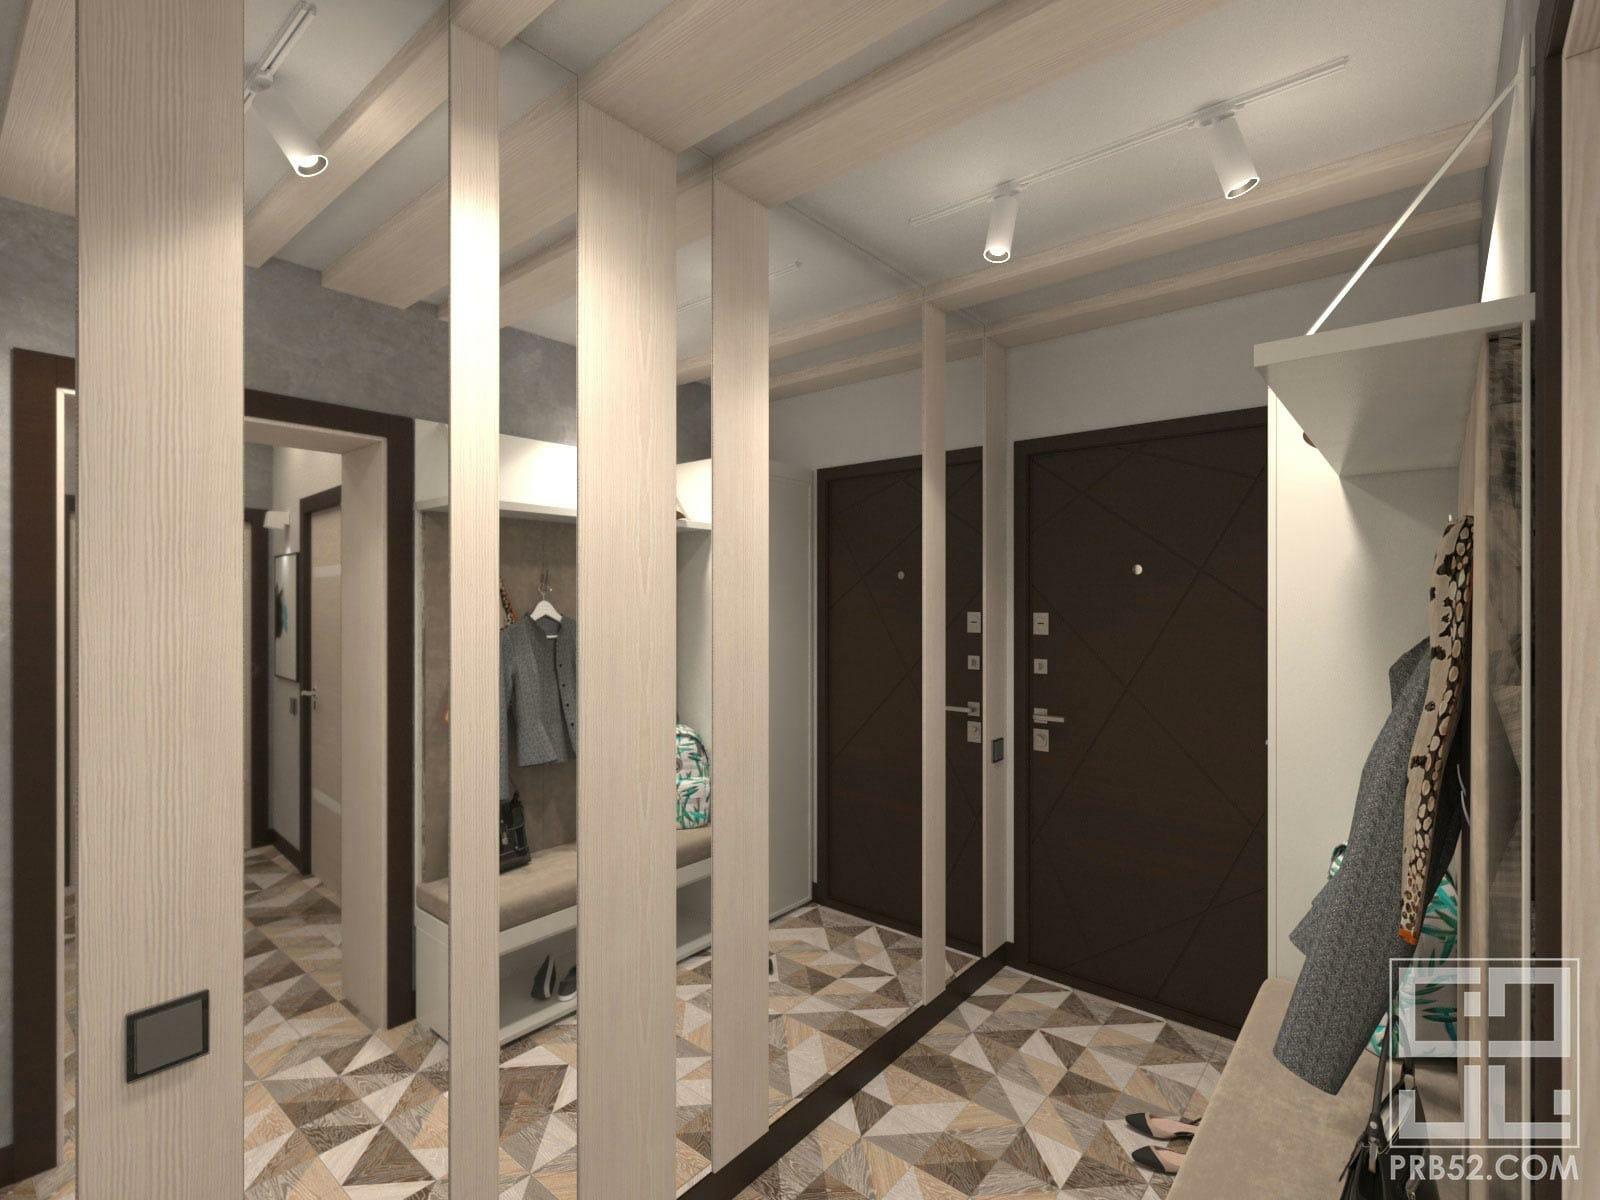 дизайн интерьера длинной прихожей коридора идеи